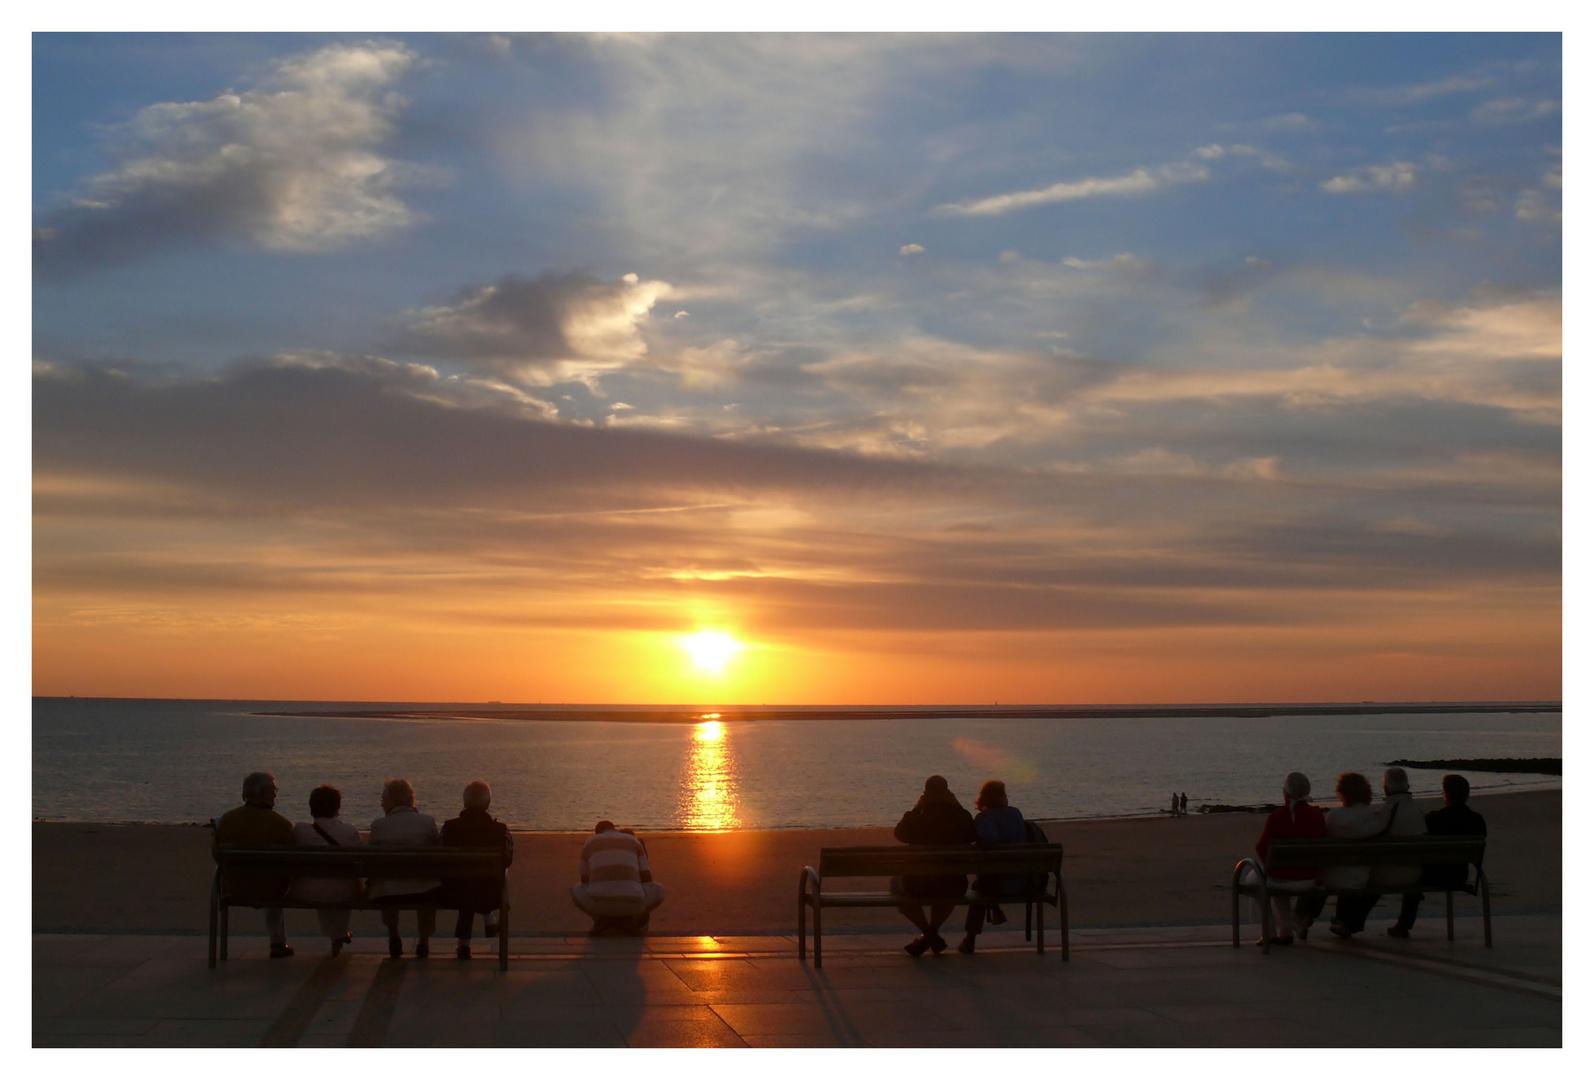 Borkum - Sonnenuntergänge, von der Promenade aus erlebt, haben ihren besonderen Reiz